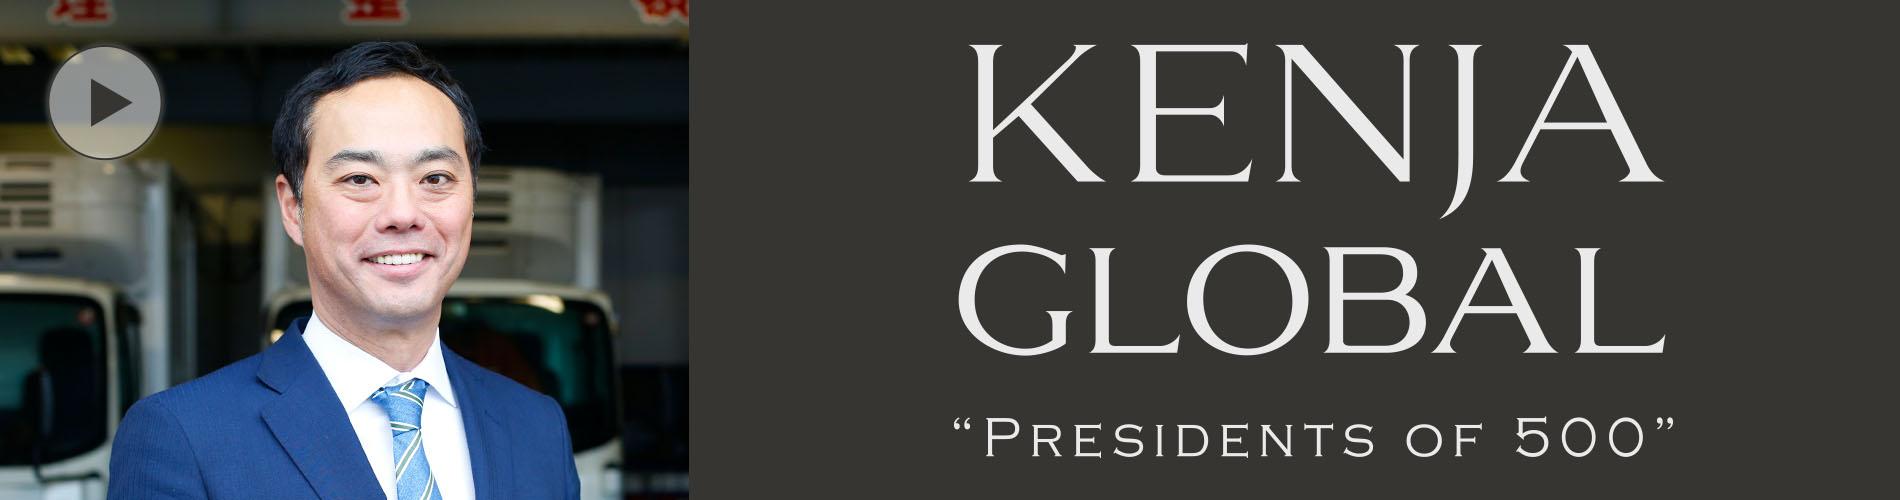 KENJA GLOBAL(賢者グローバル) 株式会社八大 岩田享也